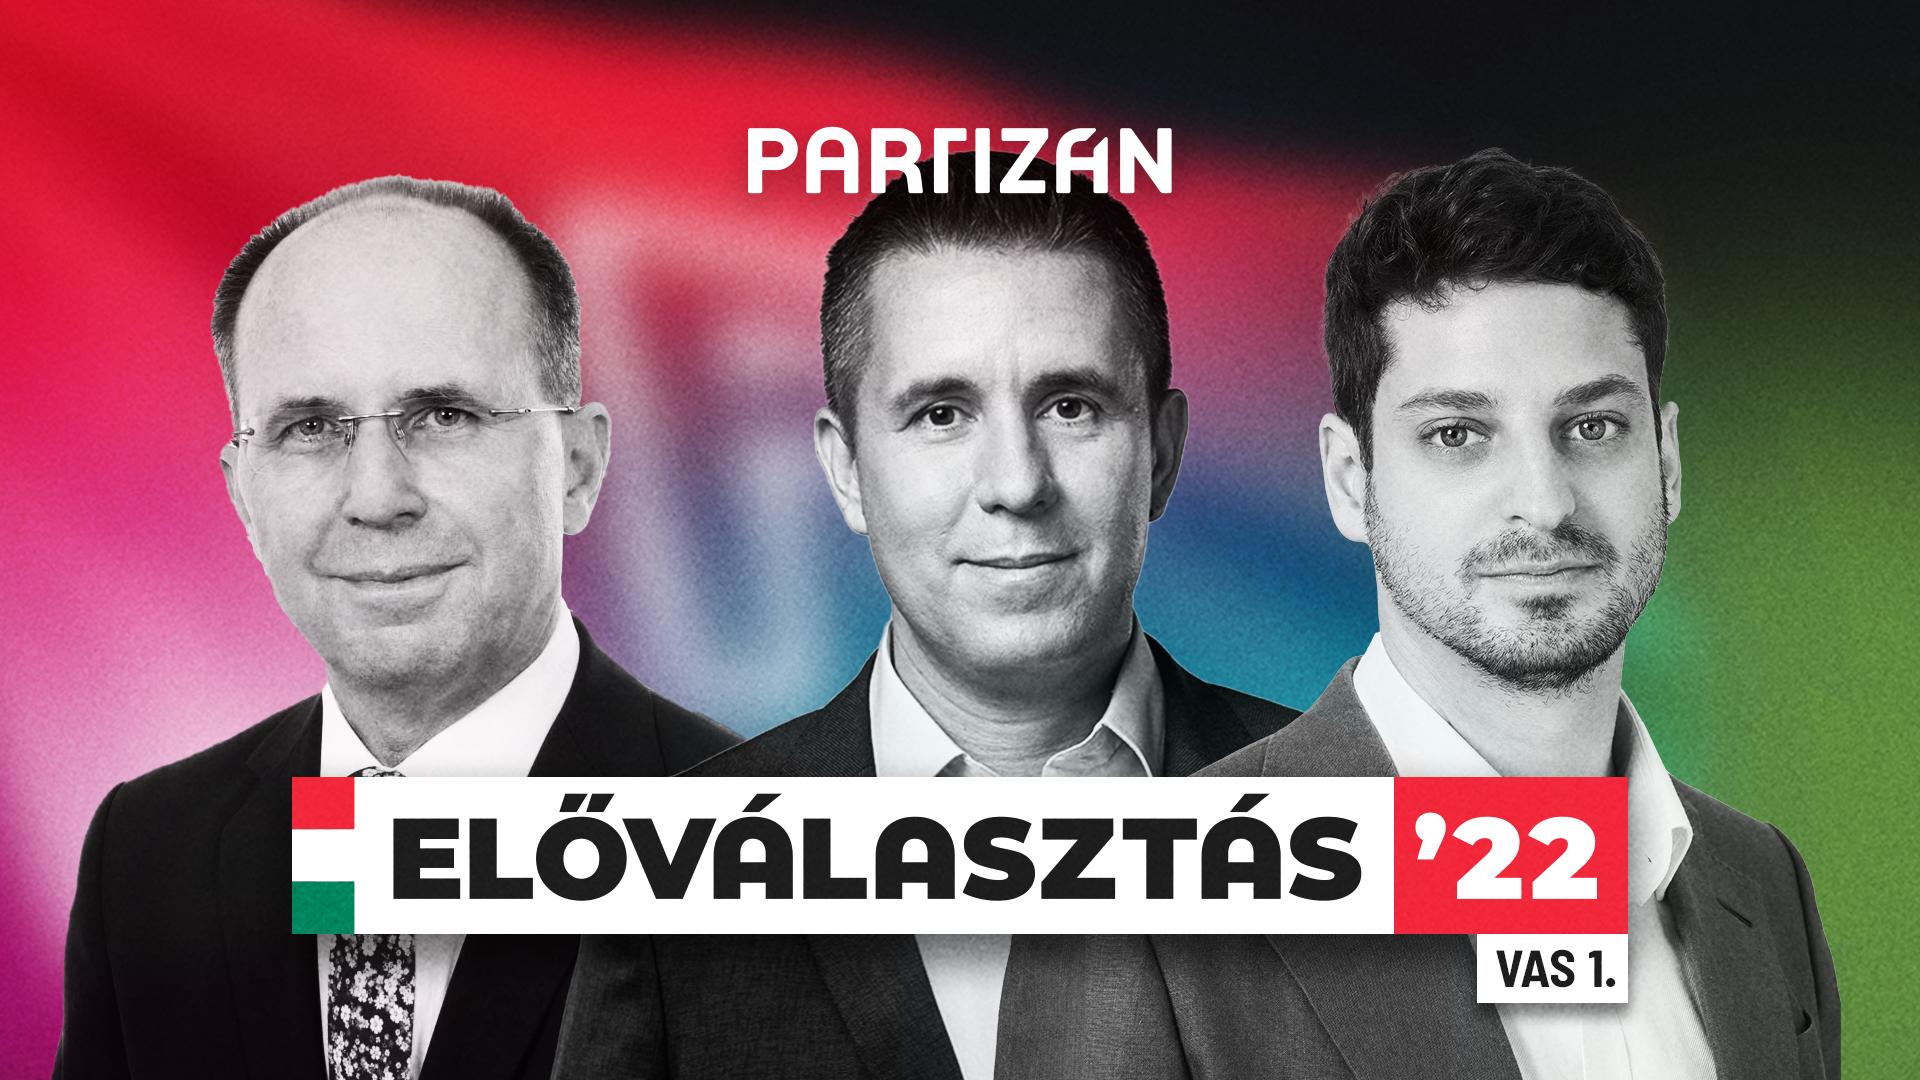 Ungár Péter és Czeglédy Csaba csap össze a Partizán előválasztási vitasorozatának első estéjén